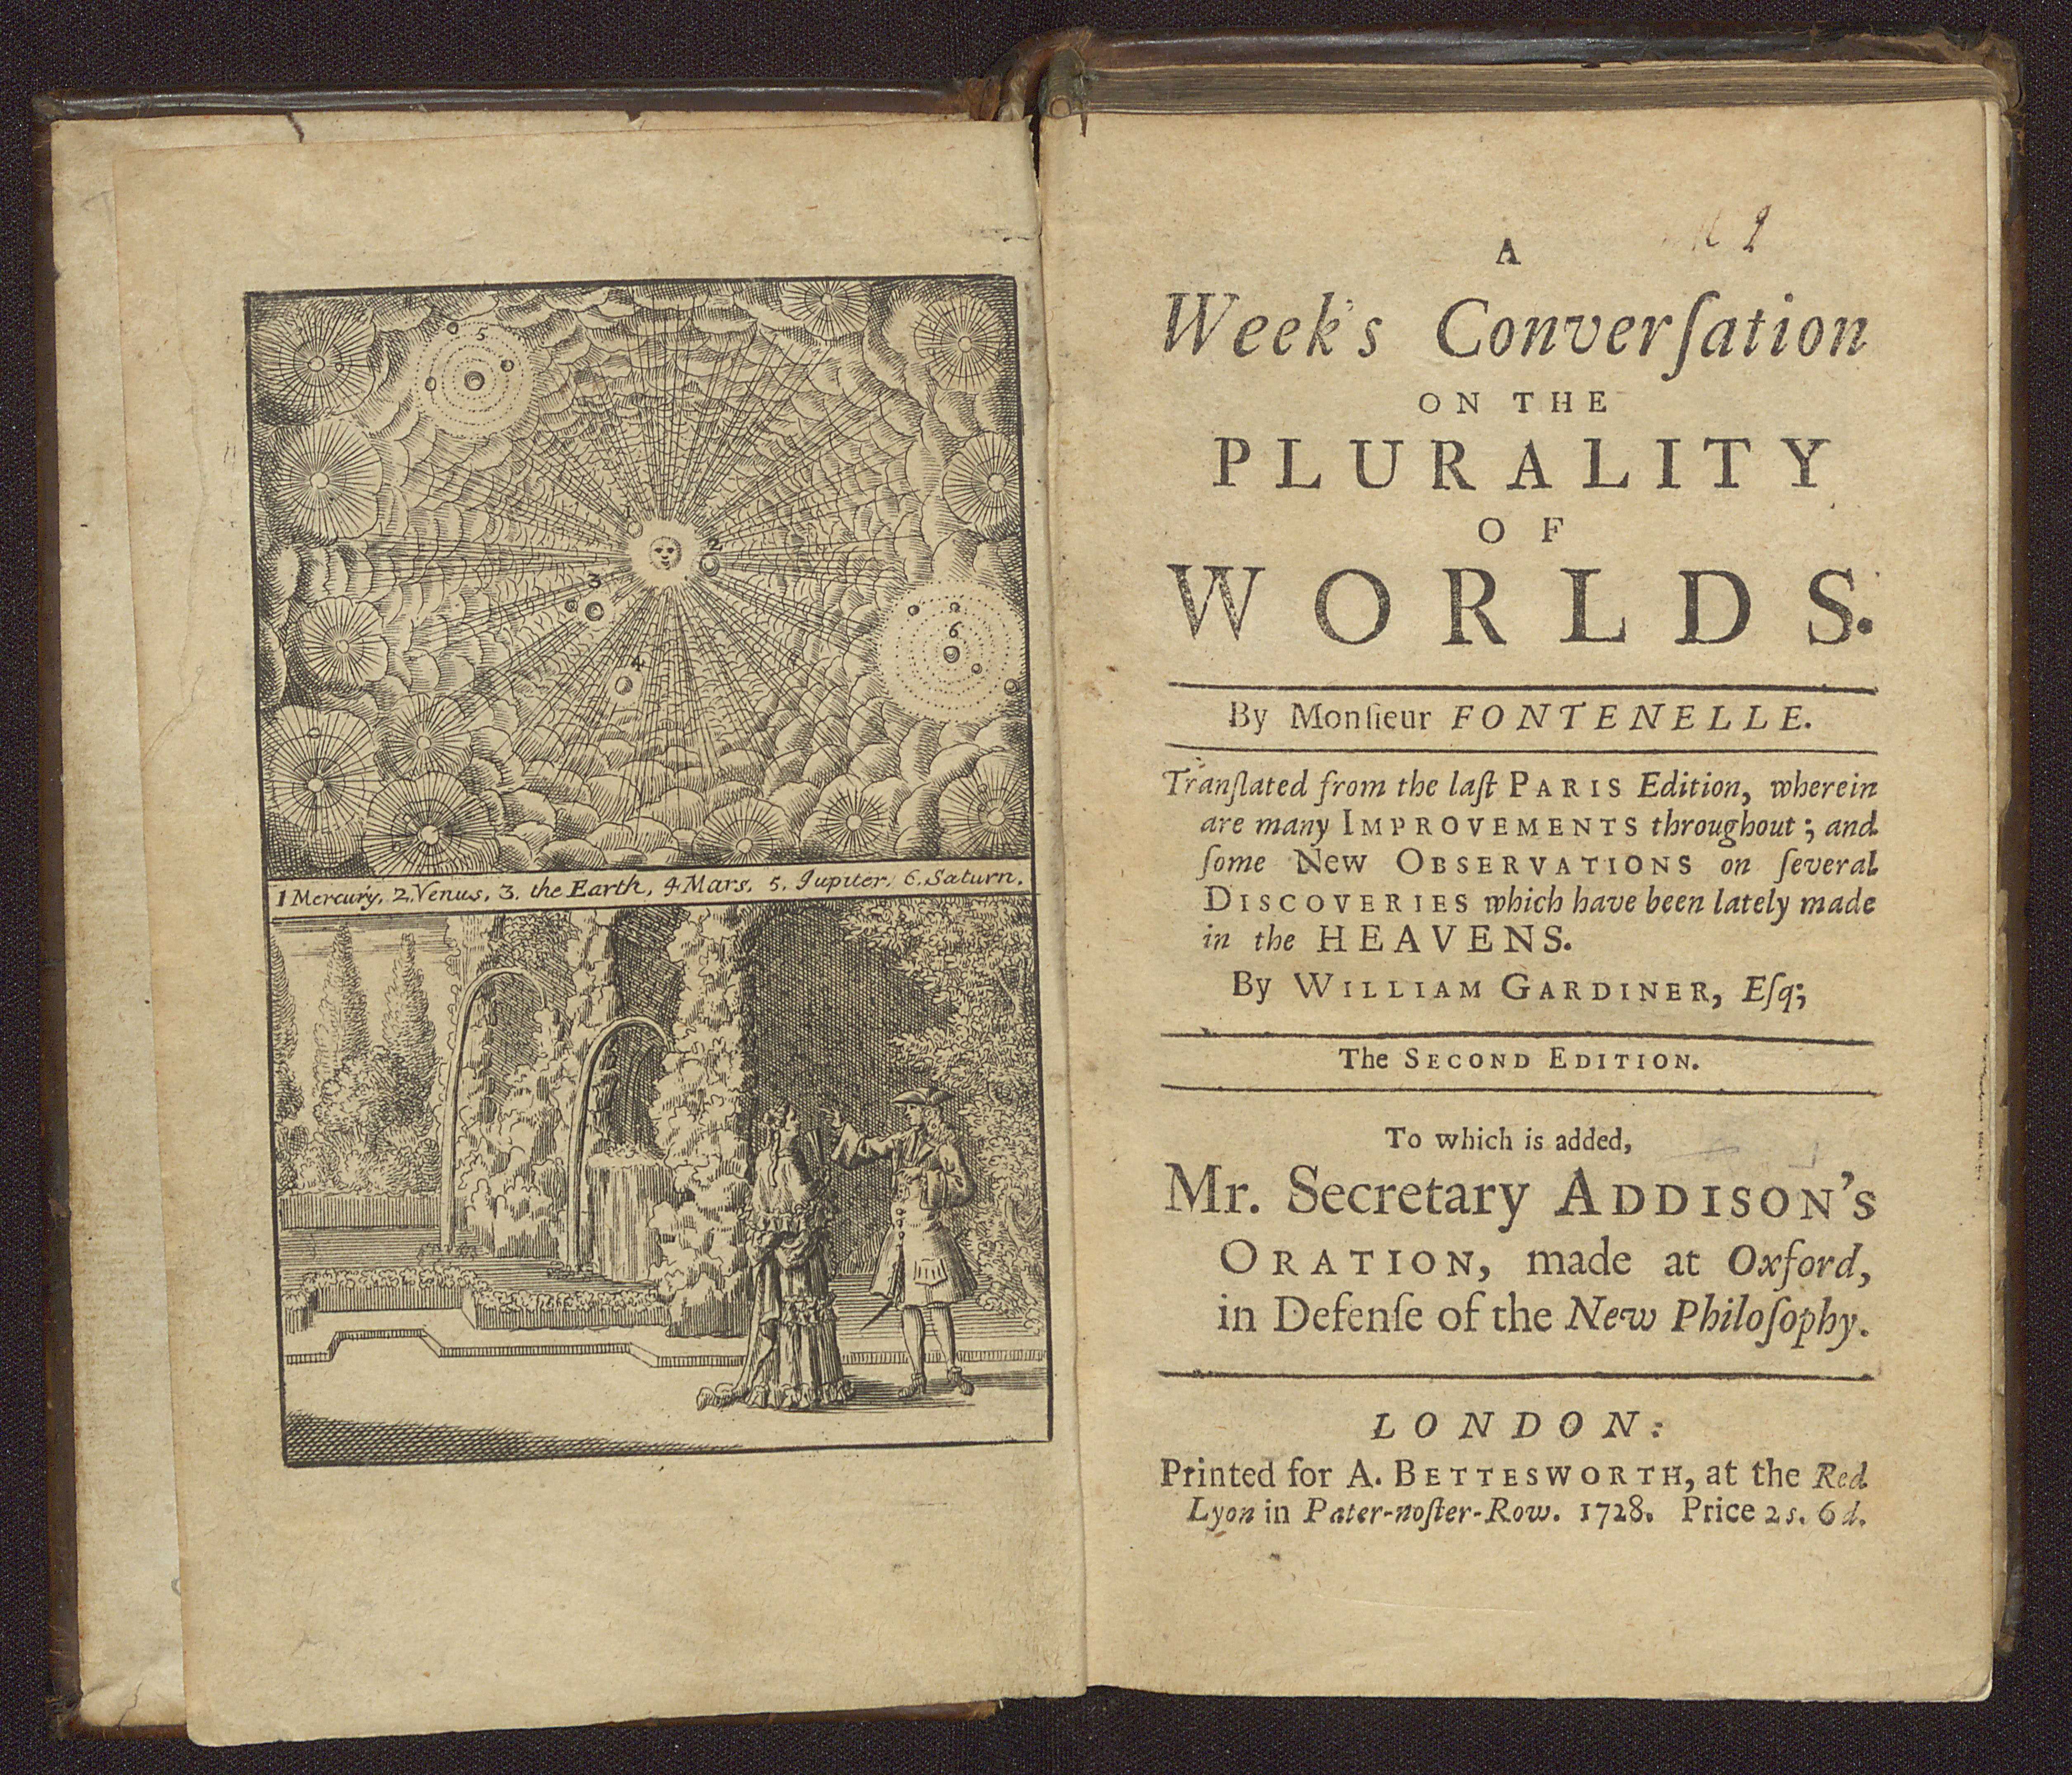 Bernard Le Bovier de Fontenelle's Pluralité des Mondes